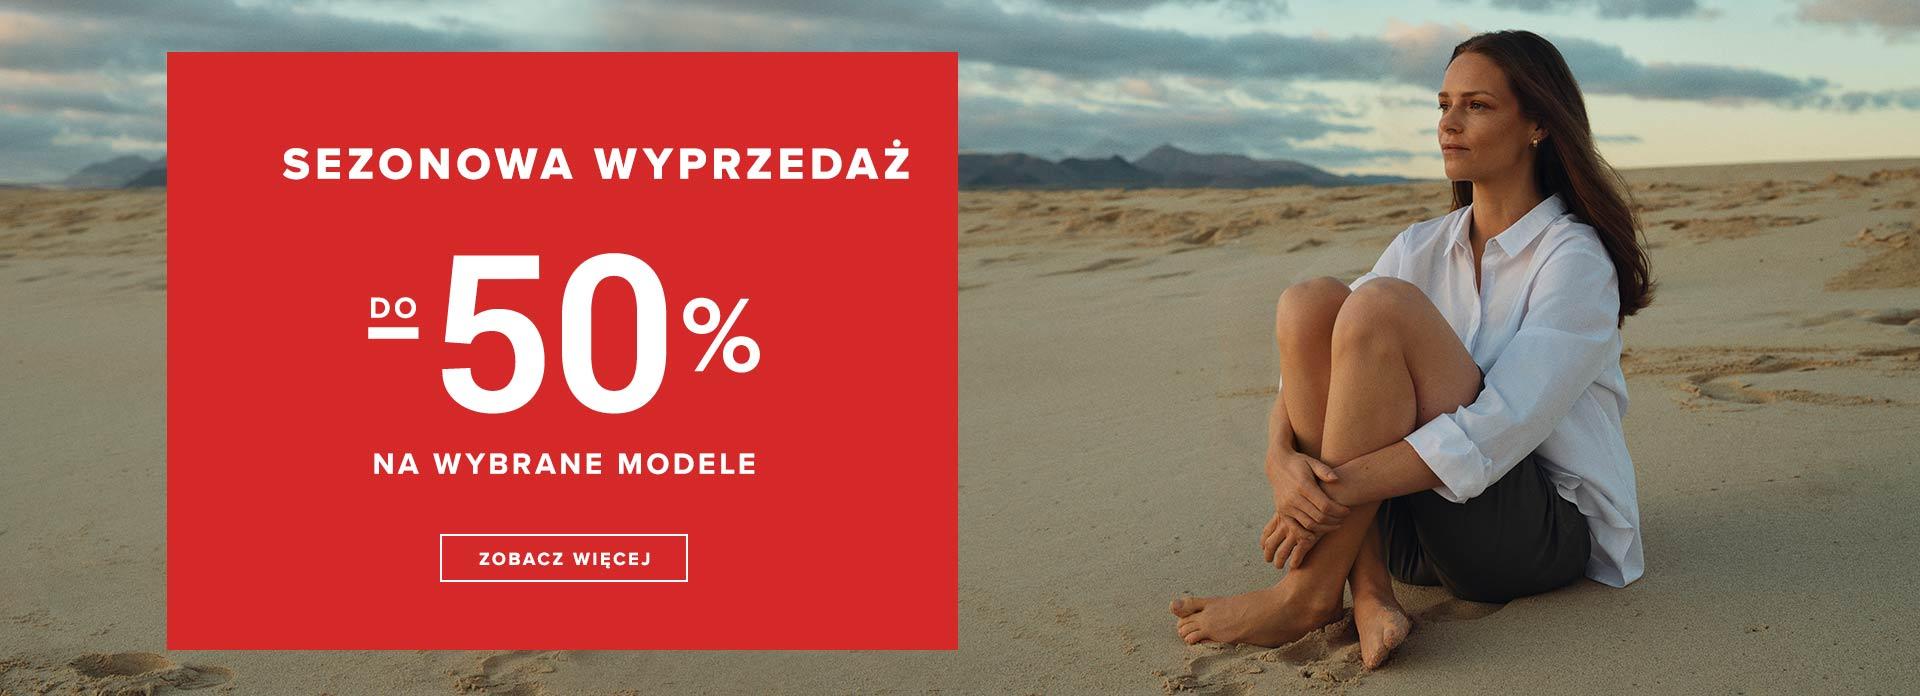 Greenpoint: wyprzedaż do 50% rabatu na odzież damską - sezonowa wyprzedaż